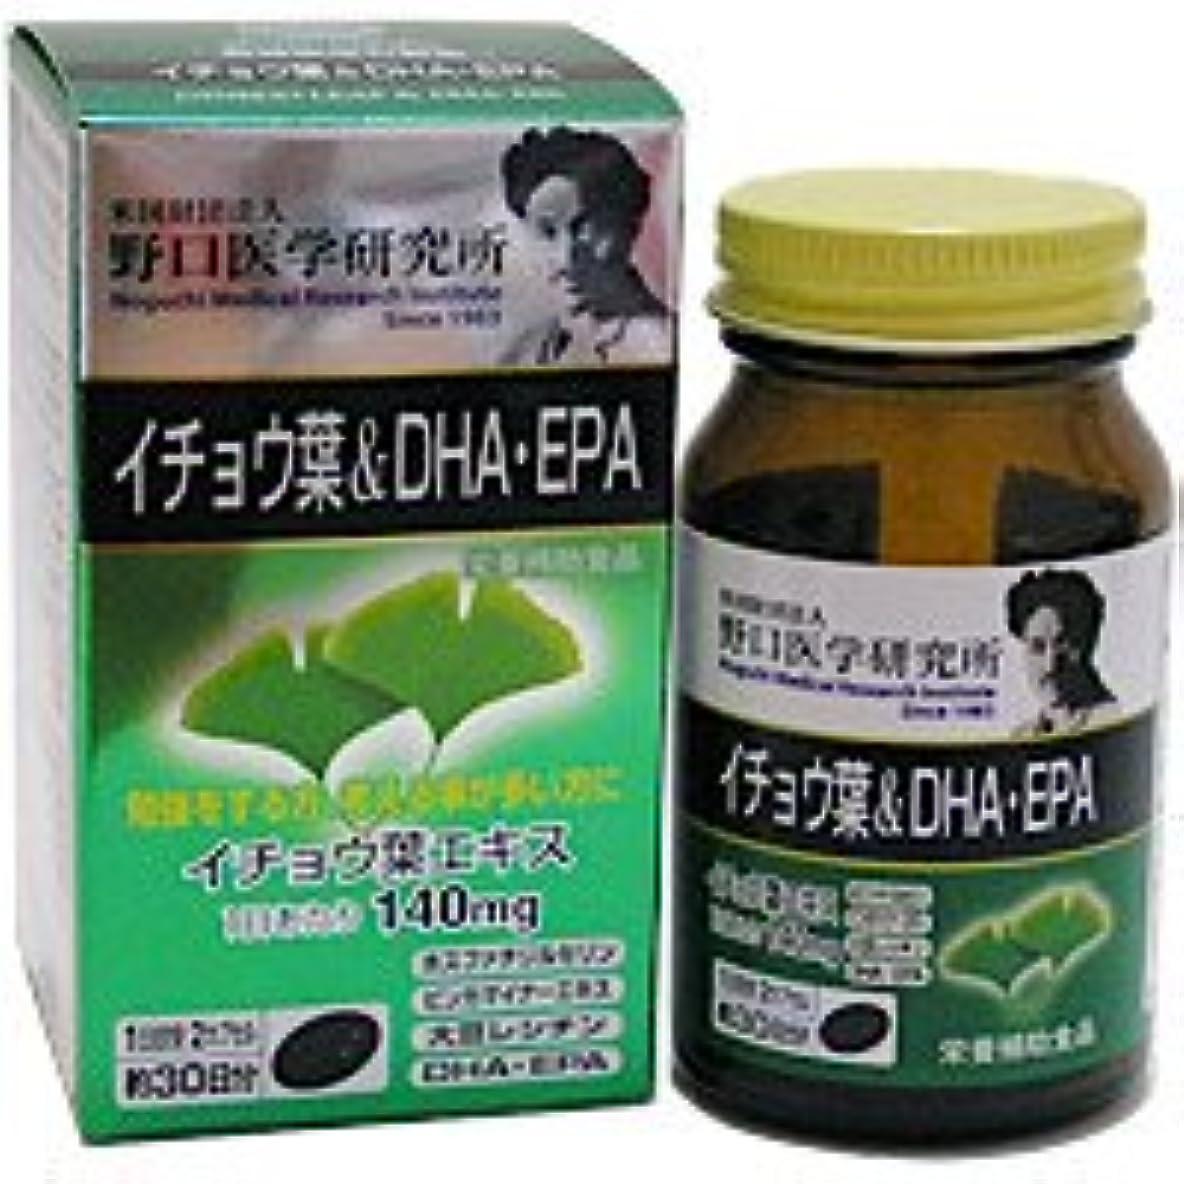 ダイアクリティカル血色の良い容器野口医学研究所 イチョウ葉&DHA+EPA お得な24個セット